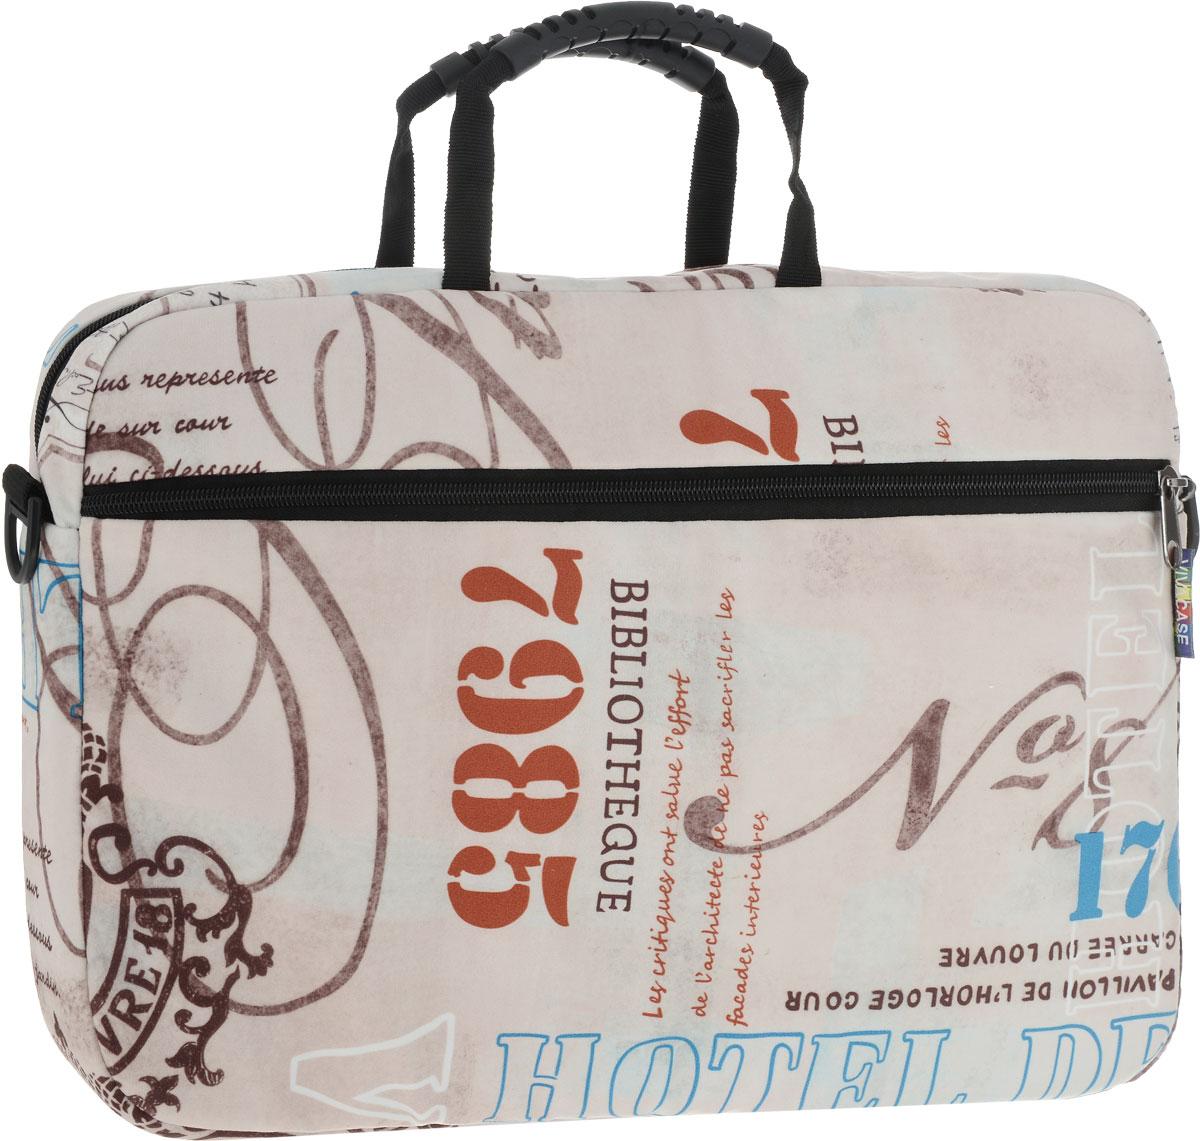 Vivacase Voyage, Beige Brown сумка для ноутбука 15,6